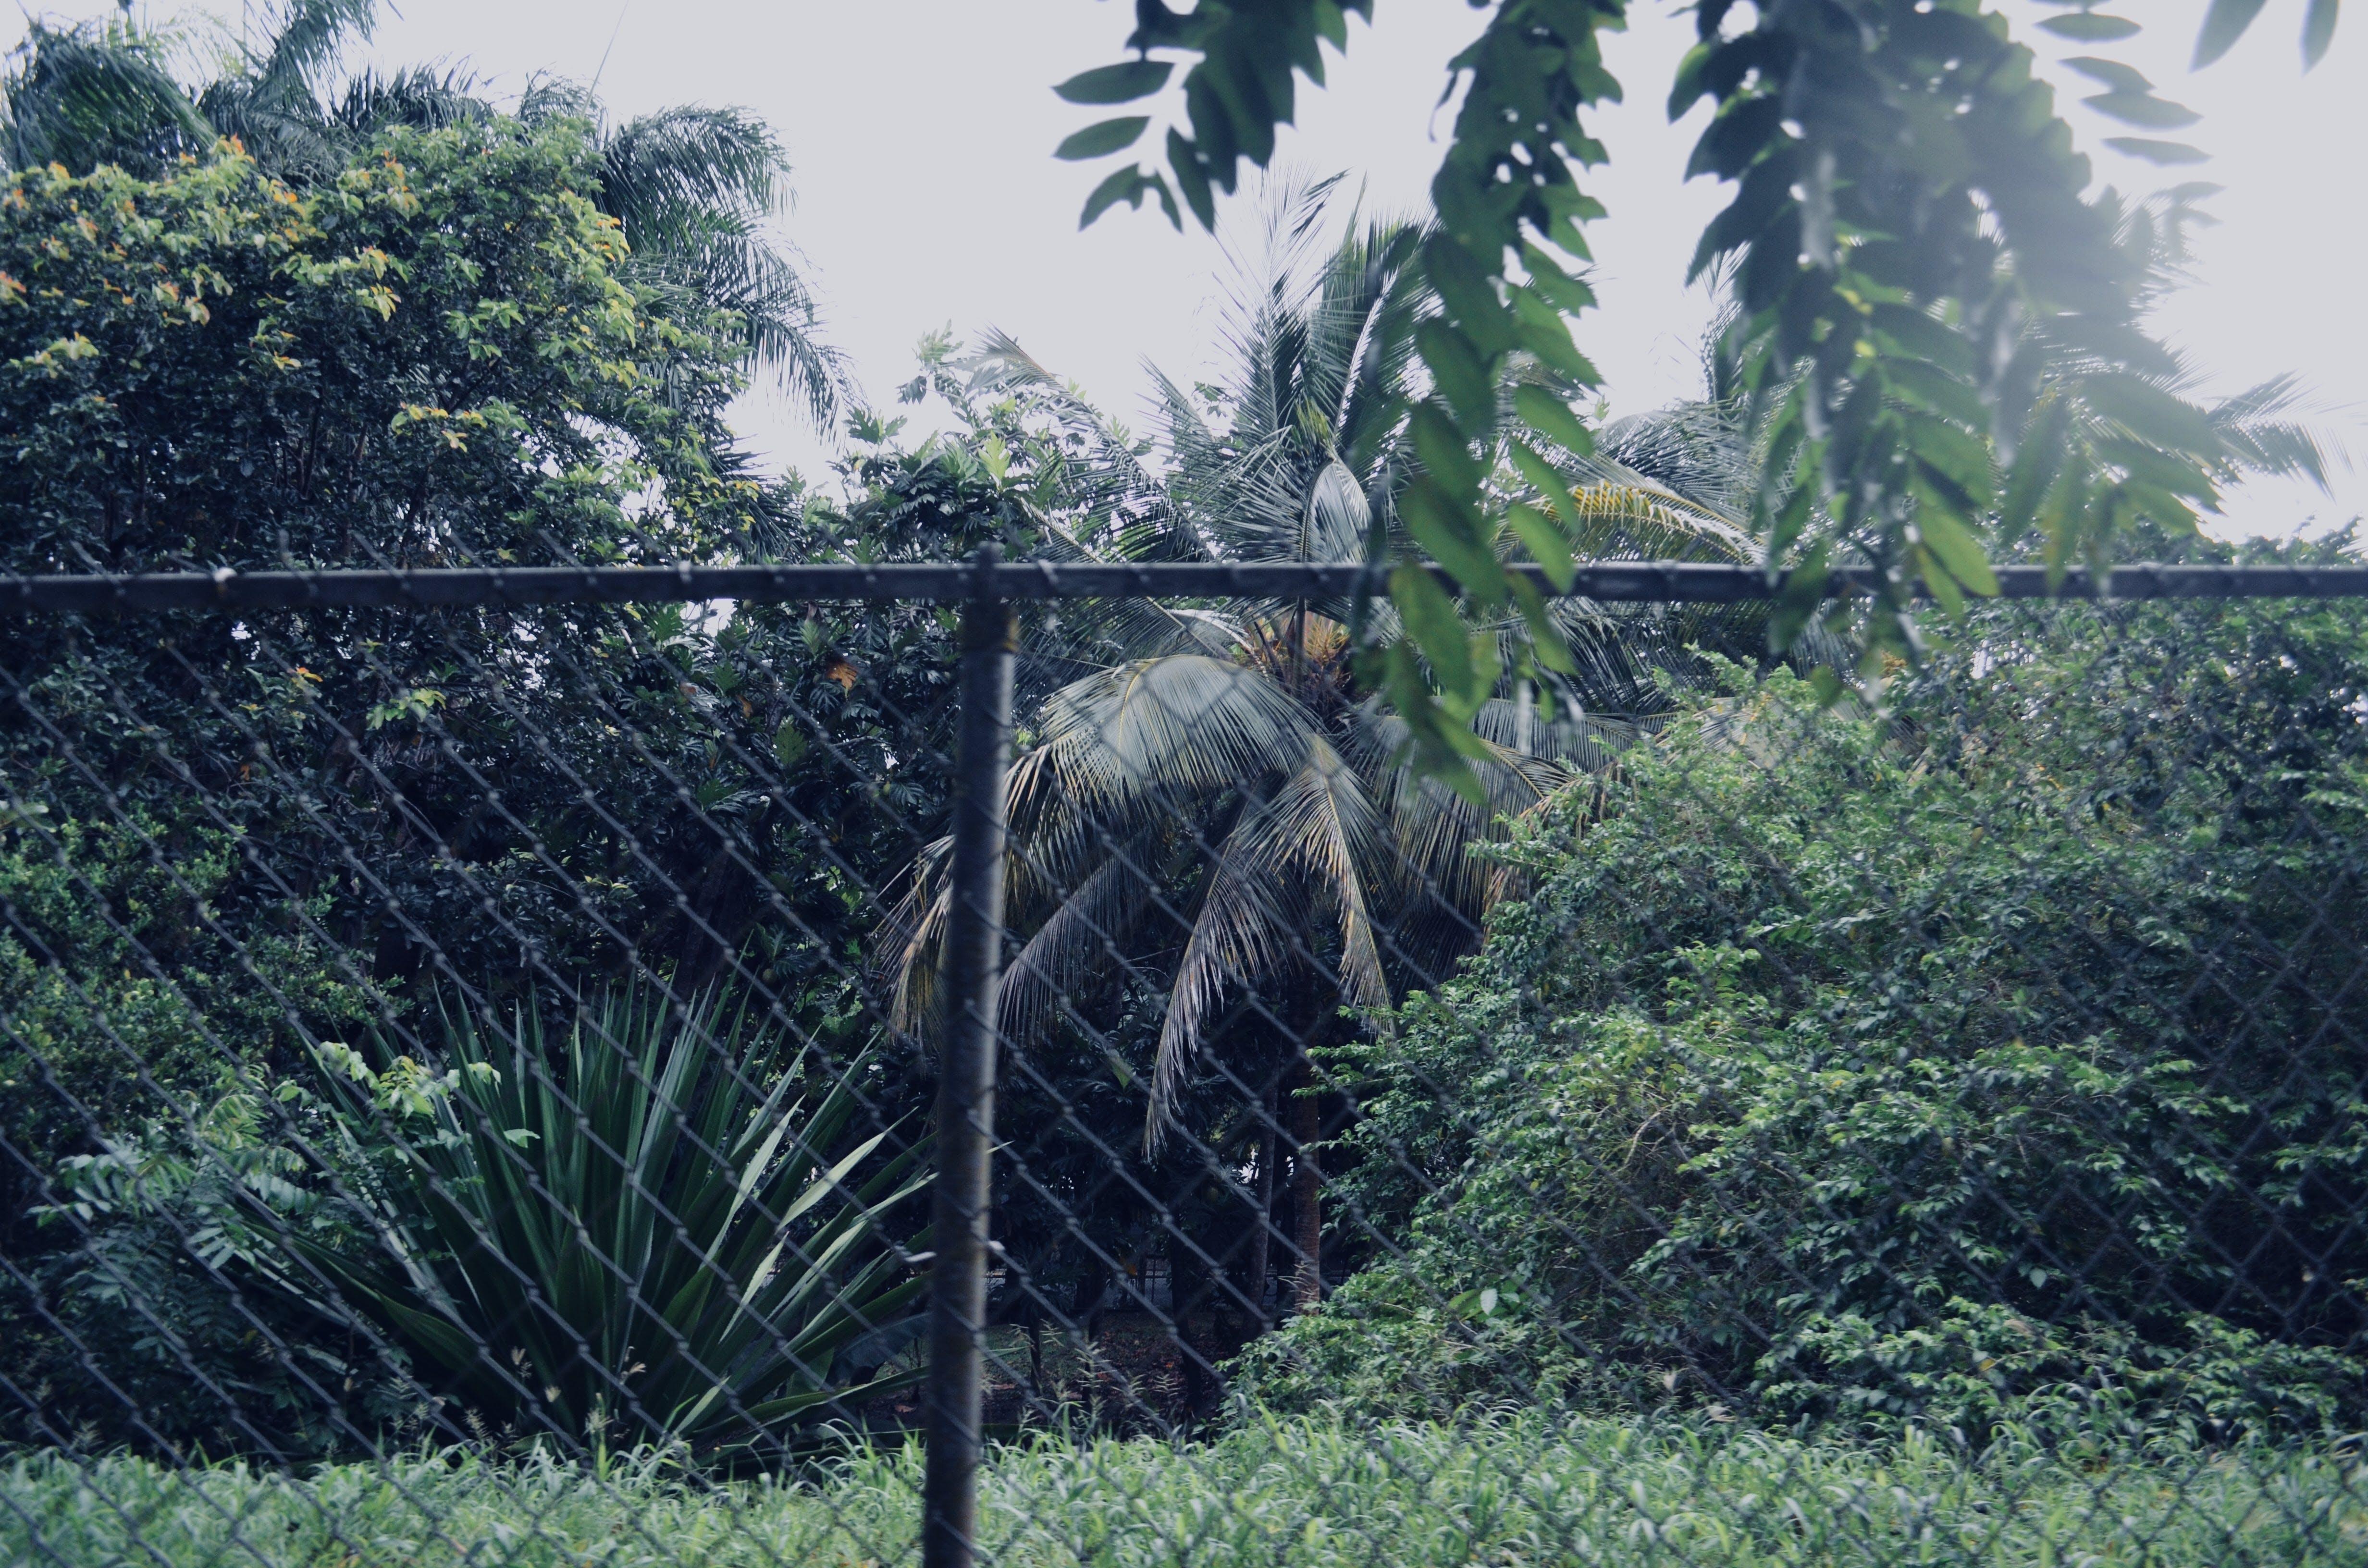 Δωρεάν στοκ φωτογραφιών με δάσος, ζούγκλα, ξιφασκία, ξίφη